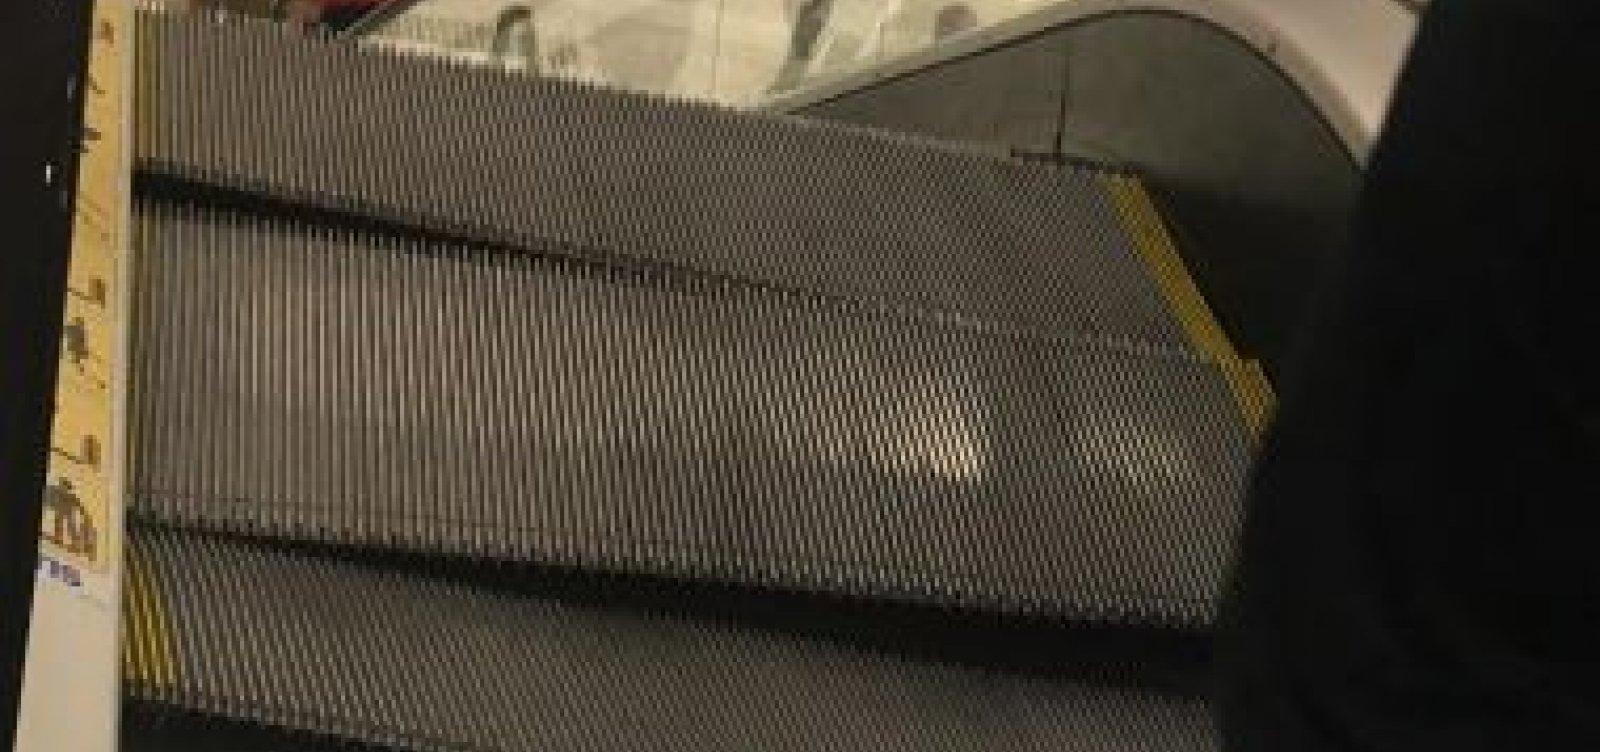 [Escada rolante do Shopping Paralela quebra e quase fere cliente]